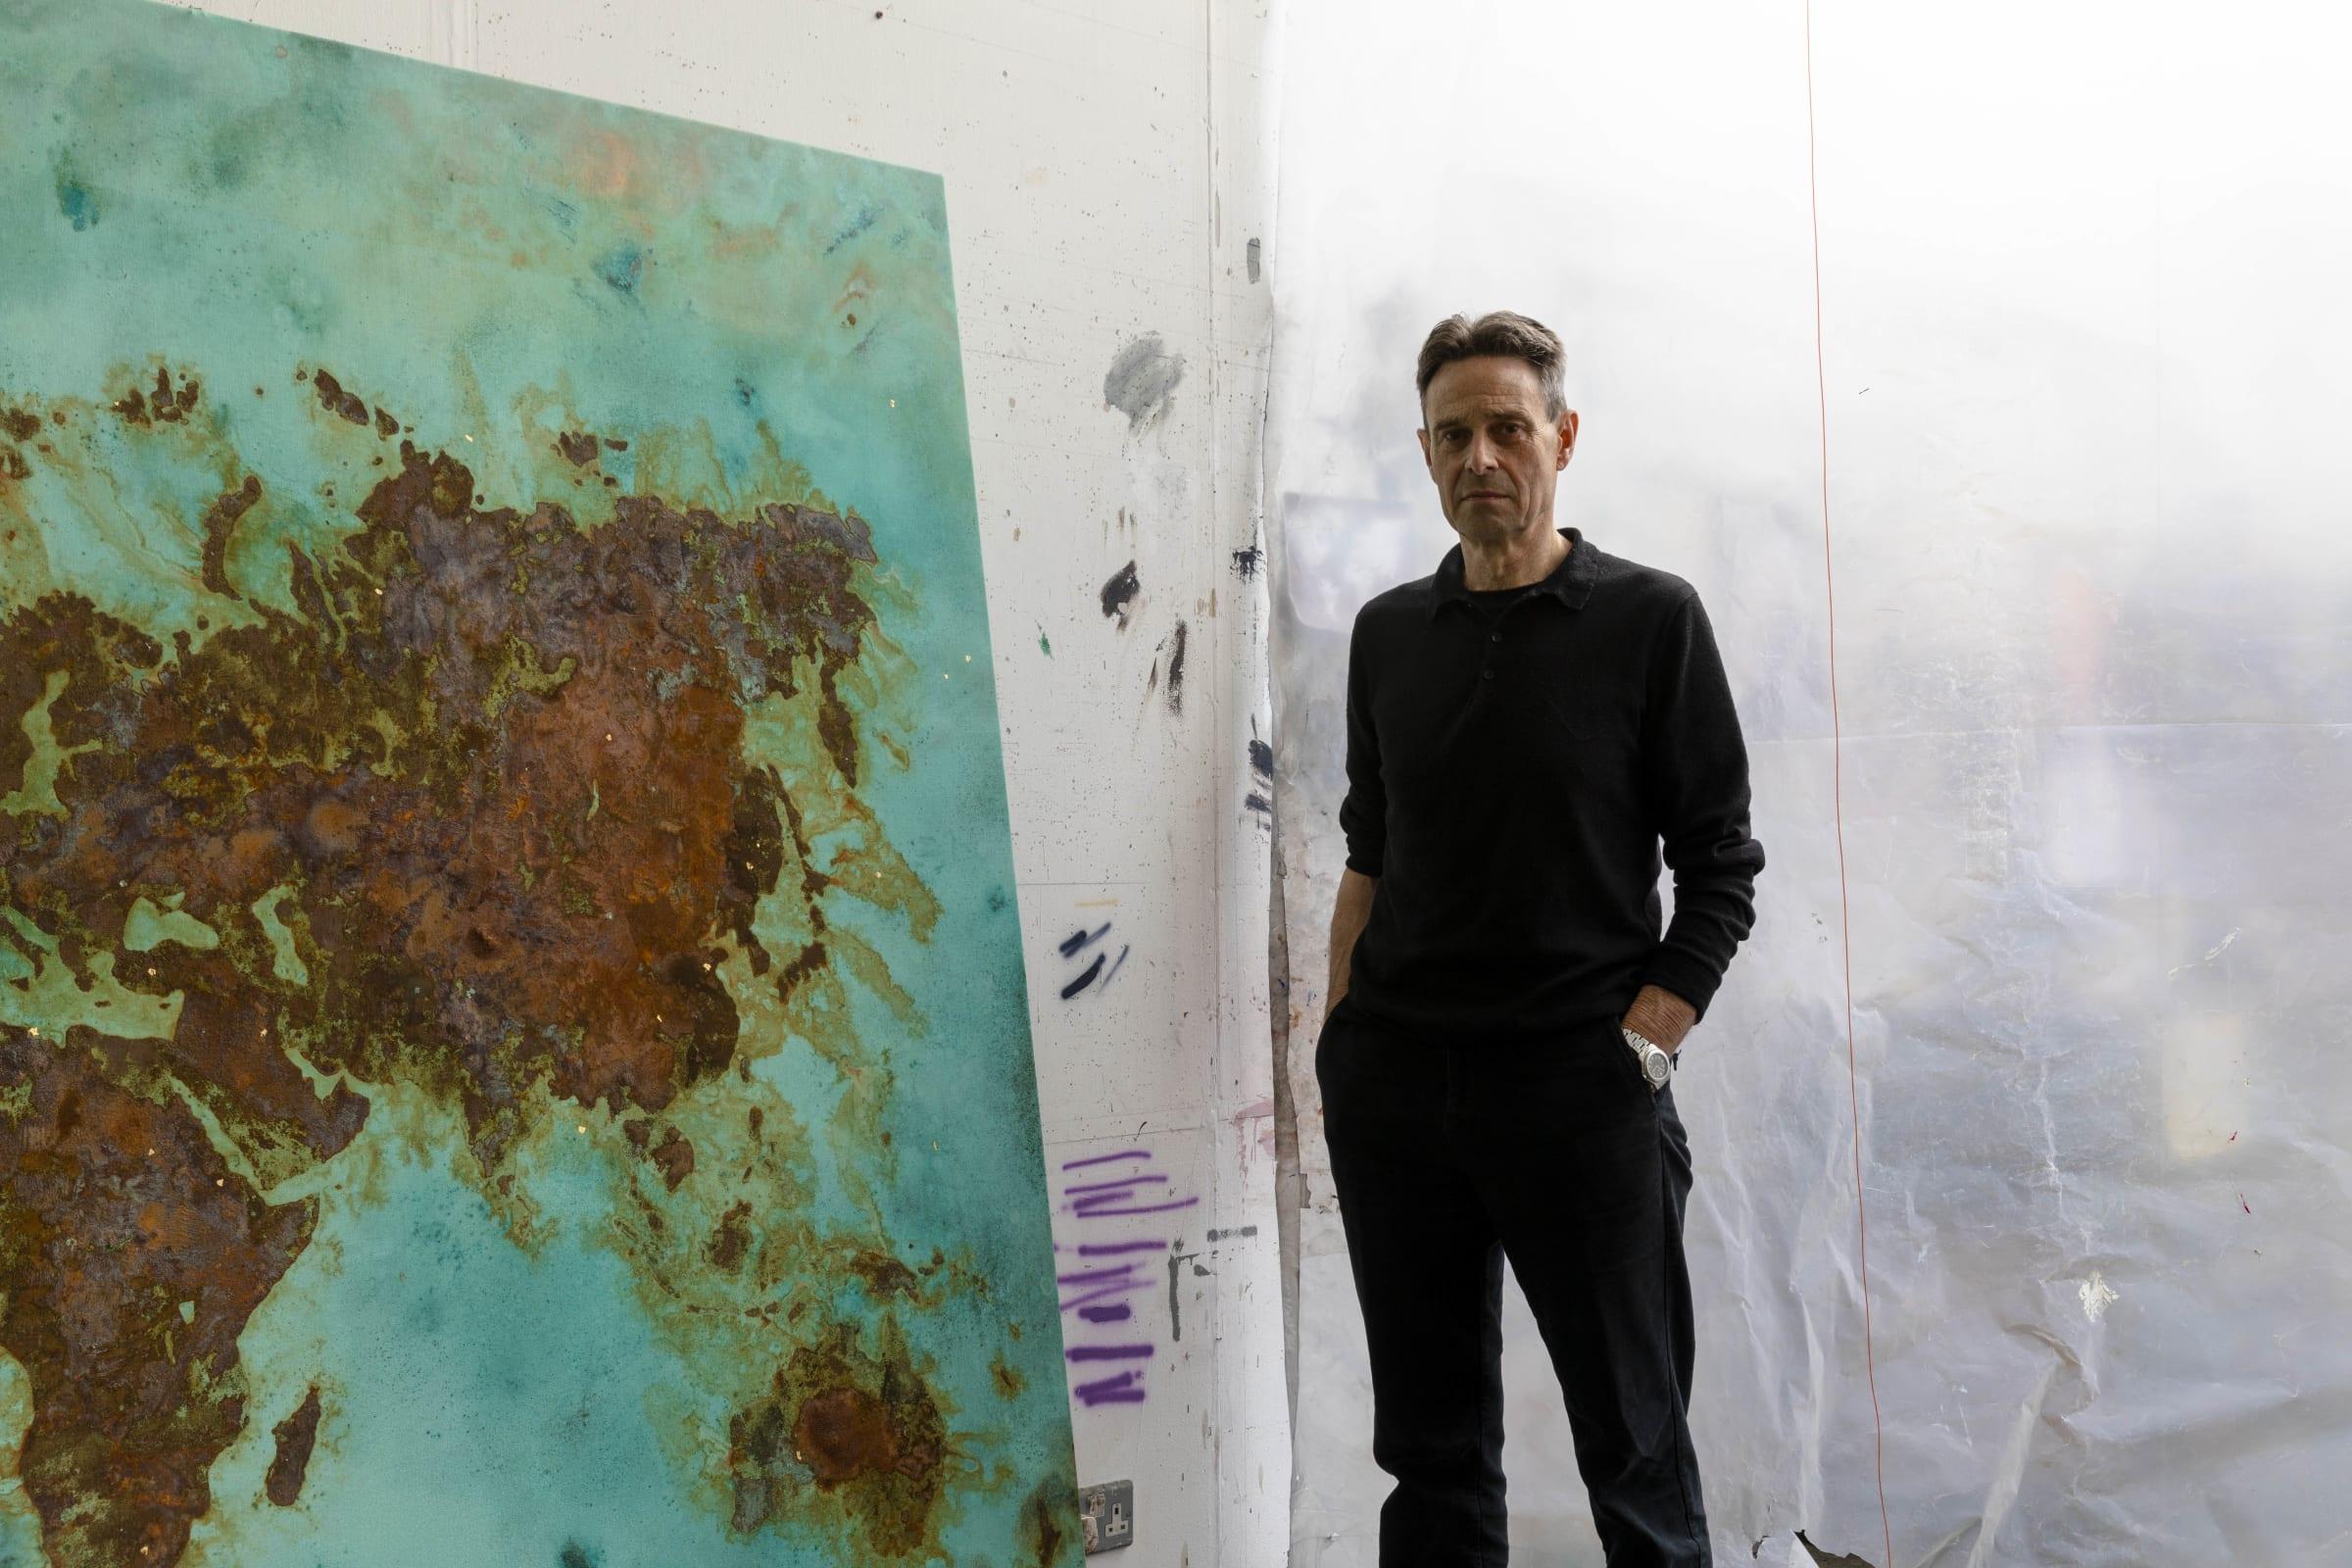 John Keane: Flat Earth Artist's Commentary